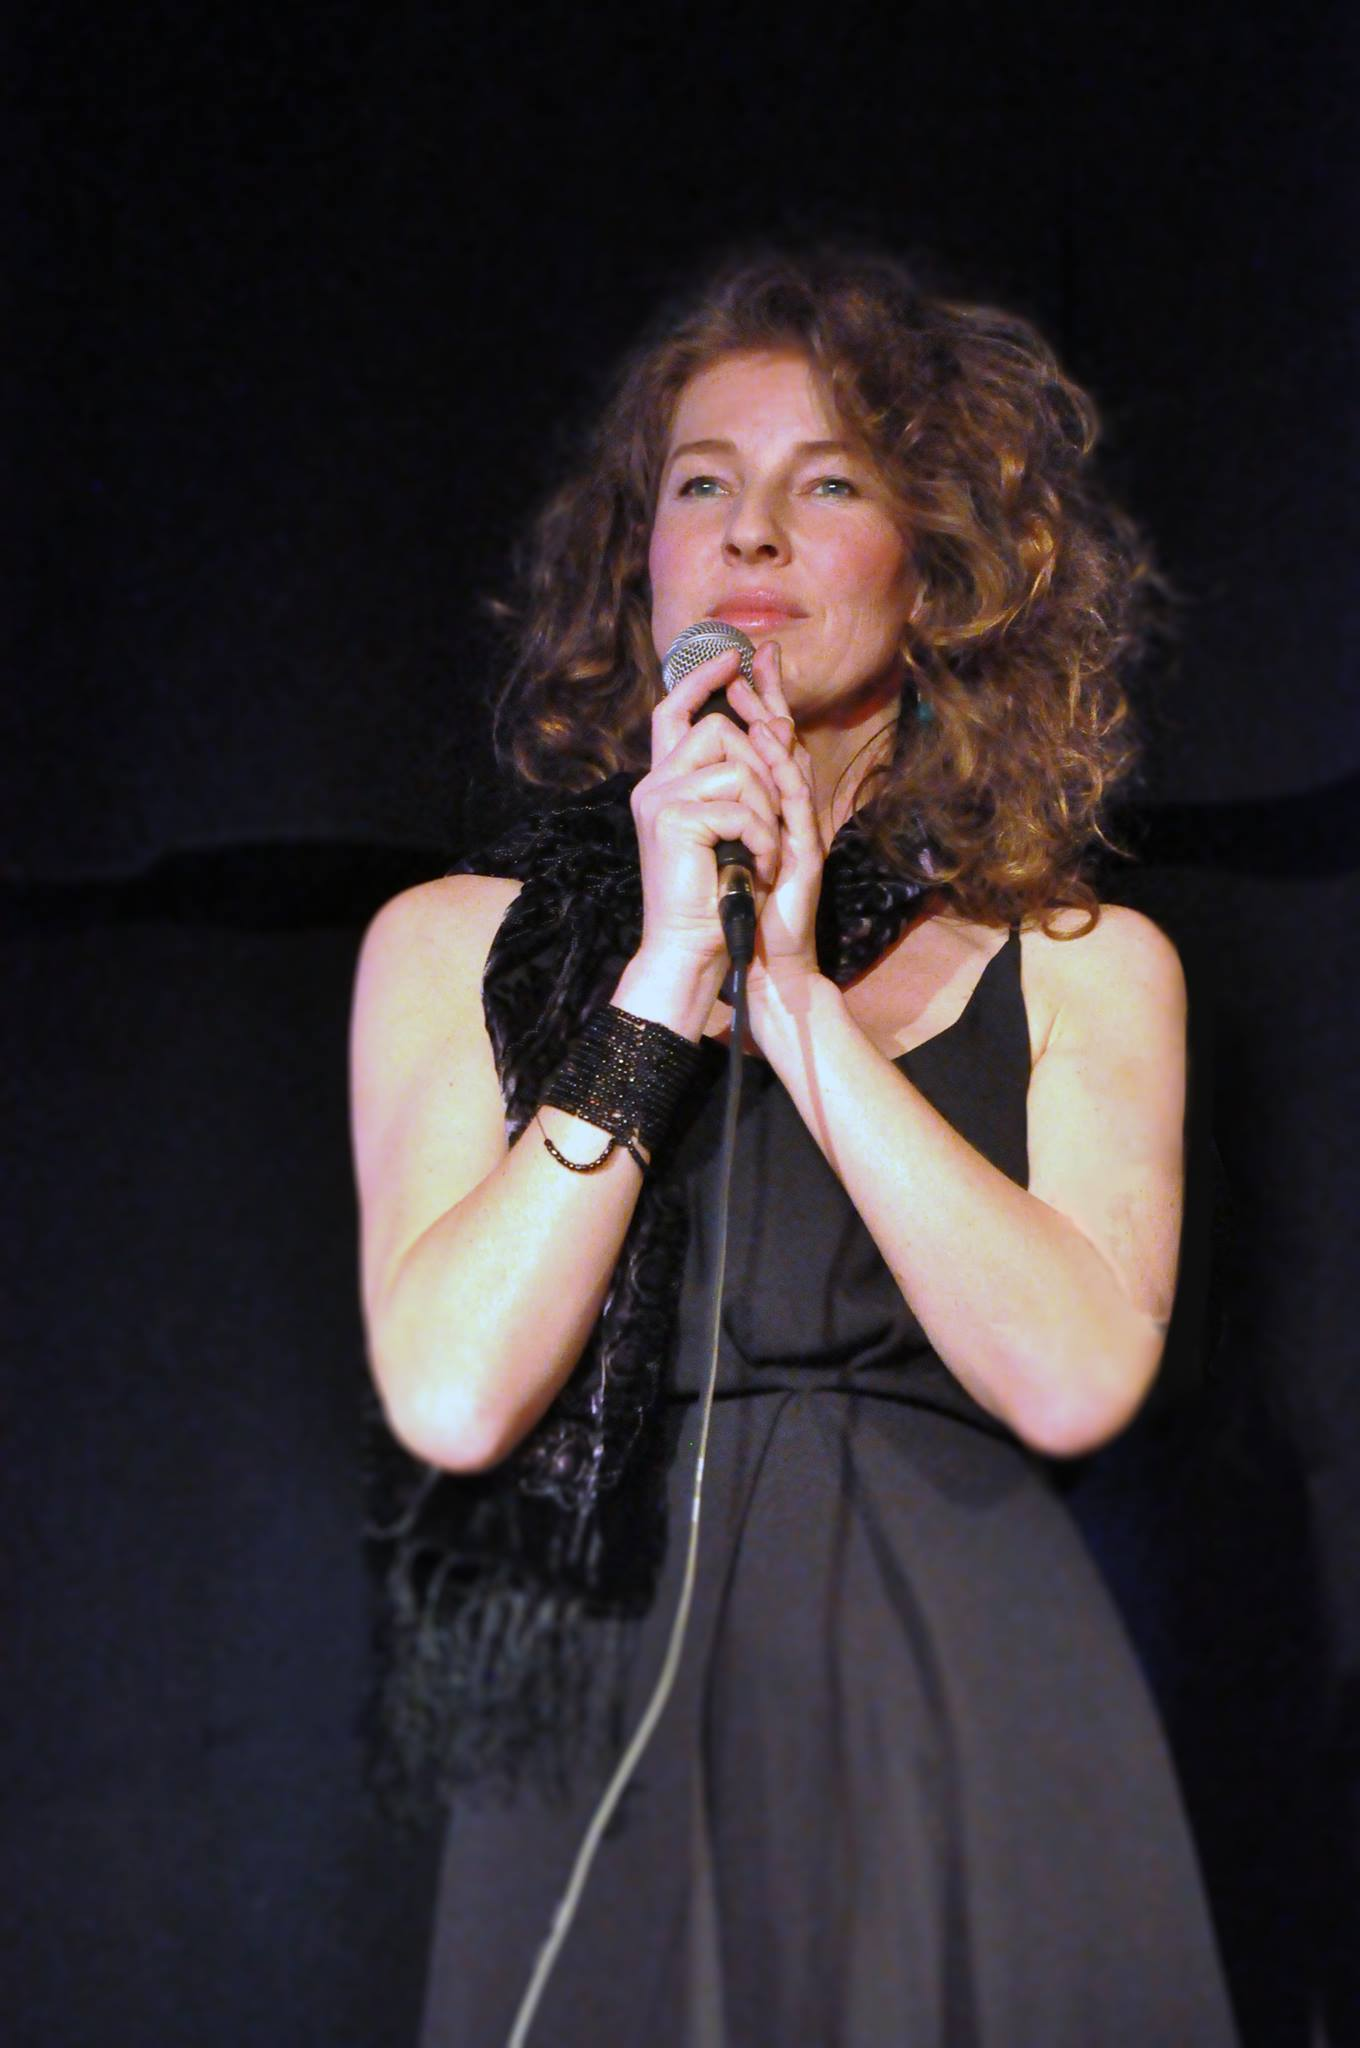 www.sarahmaria.at    Sarah Maria   Sarah Maria singt spanische Lieder über Leidenschaft und Sehnsucht, über innerstes Berührtsein – el gran sentimiento.